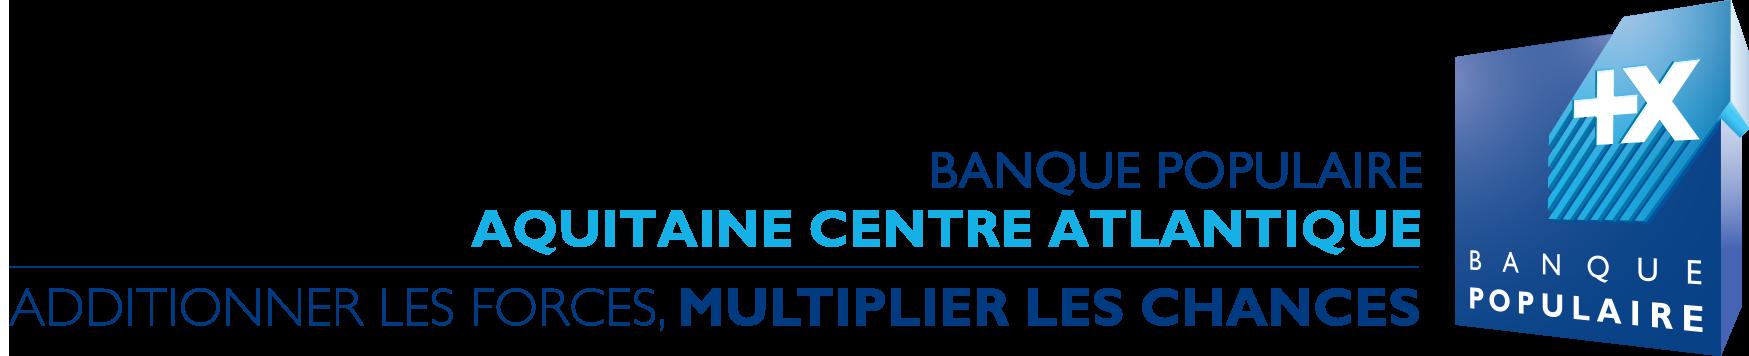 Logo de Banque Populaire Aquitaine Centre Atlantique